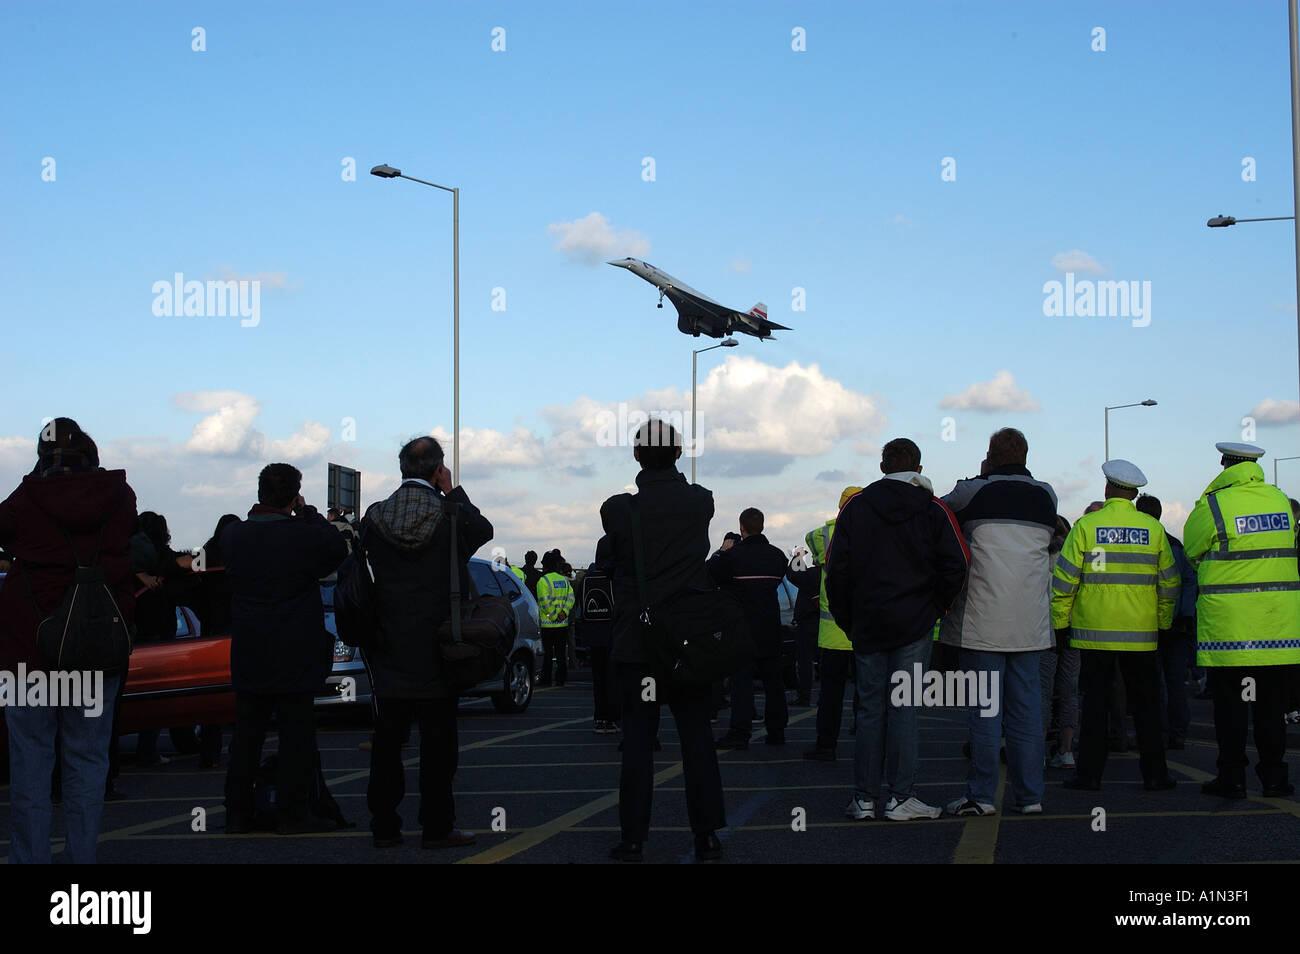 Concorde vuelo comercial final de llegar al aeropuerto de Heathrow Imagen De Stock